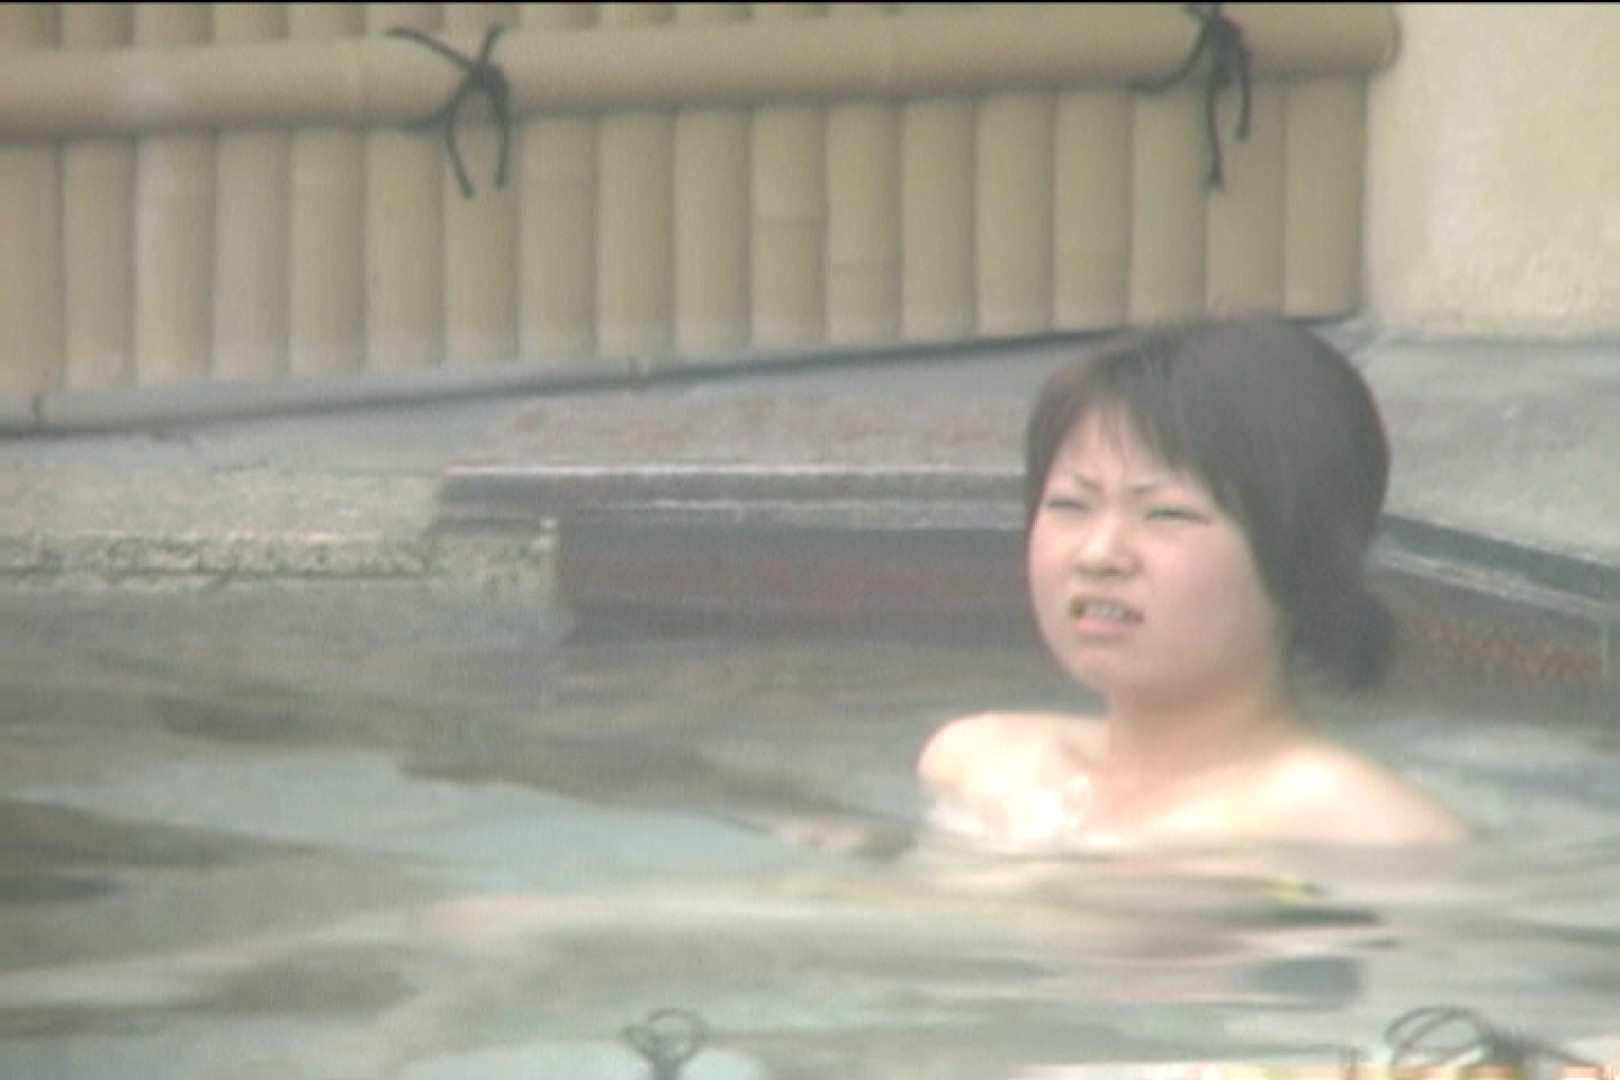 Aquaな露天風呂Vol.141 盗撮  22PICs 12